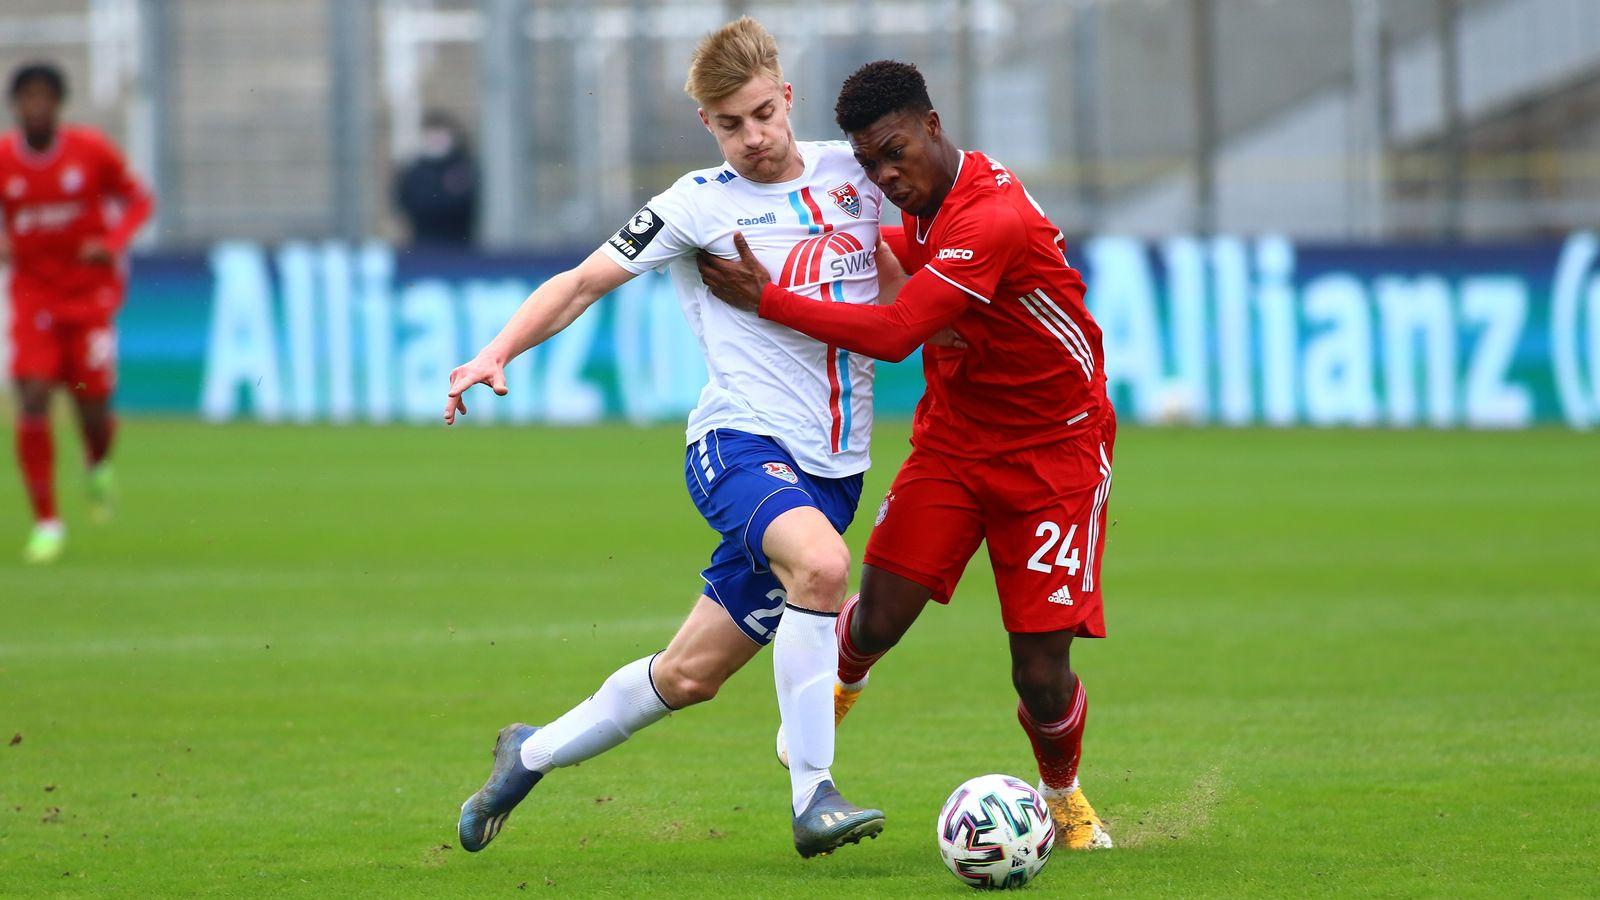 Uerdingen entführt die Punkte beim FC Bayern II - BR24